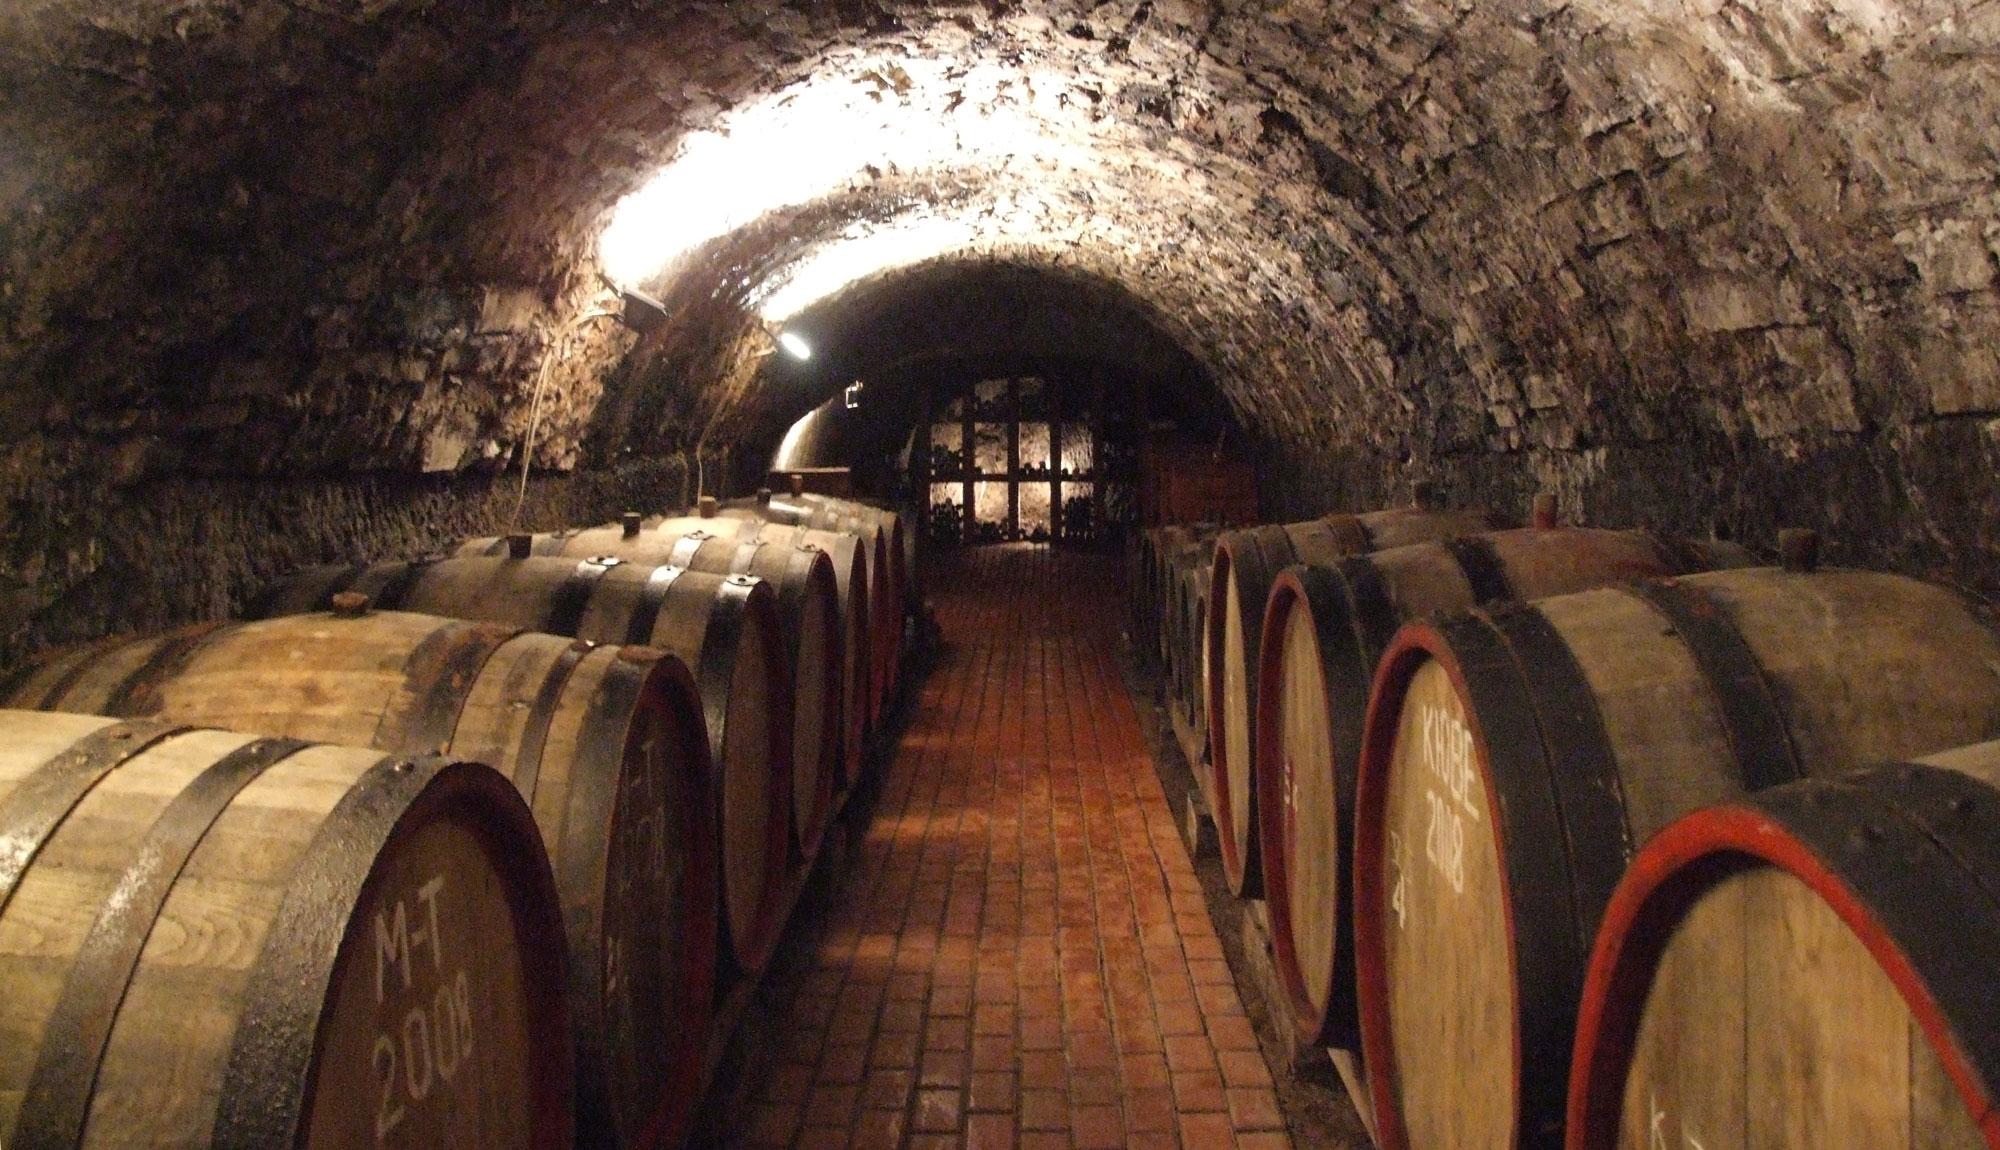 Vynnyy lʹokh Berehovo